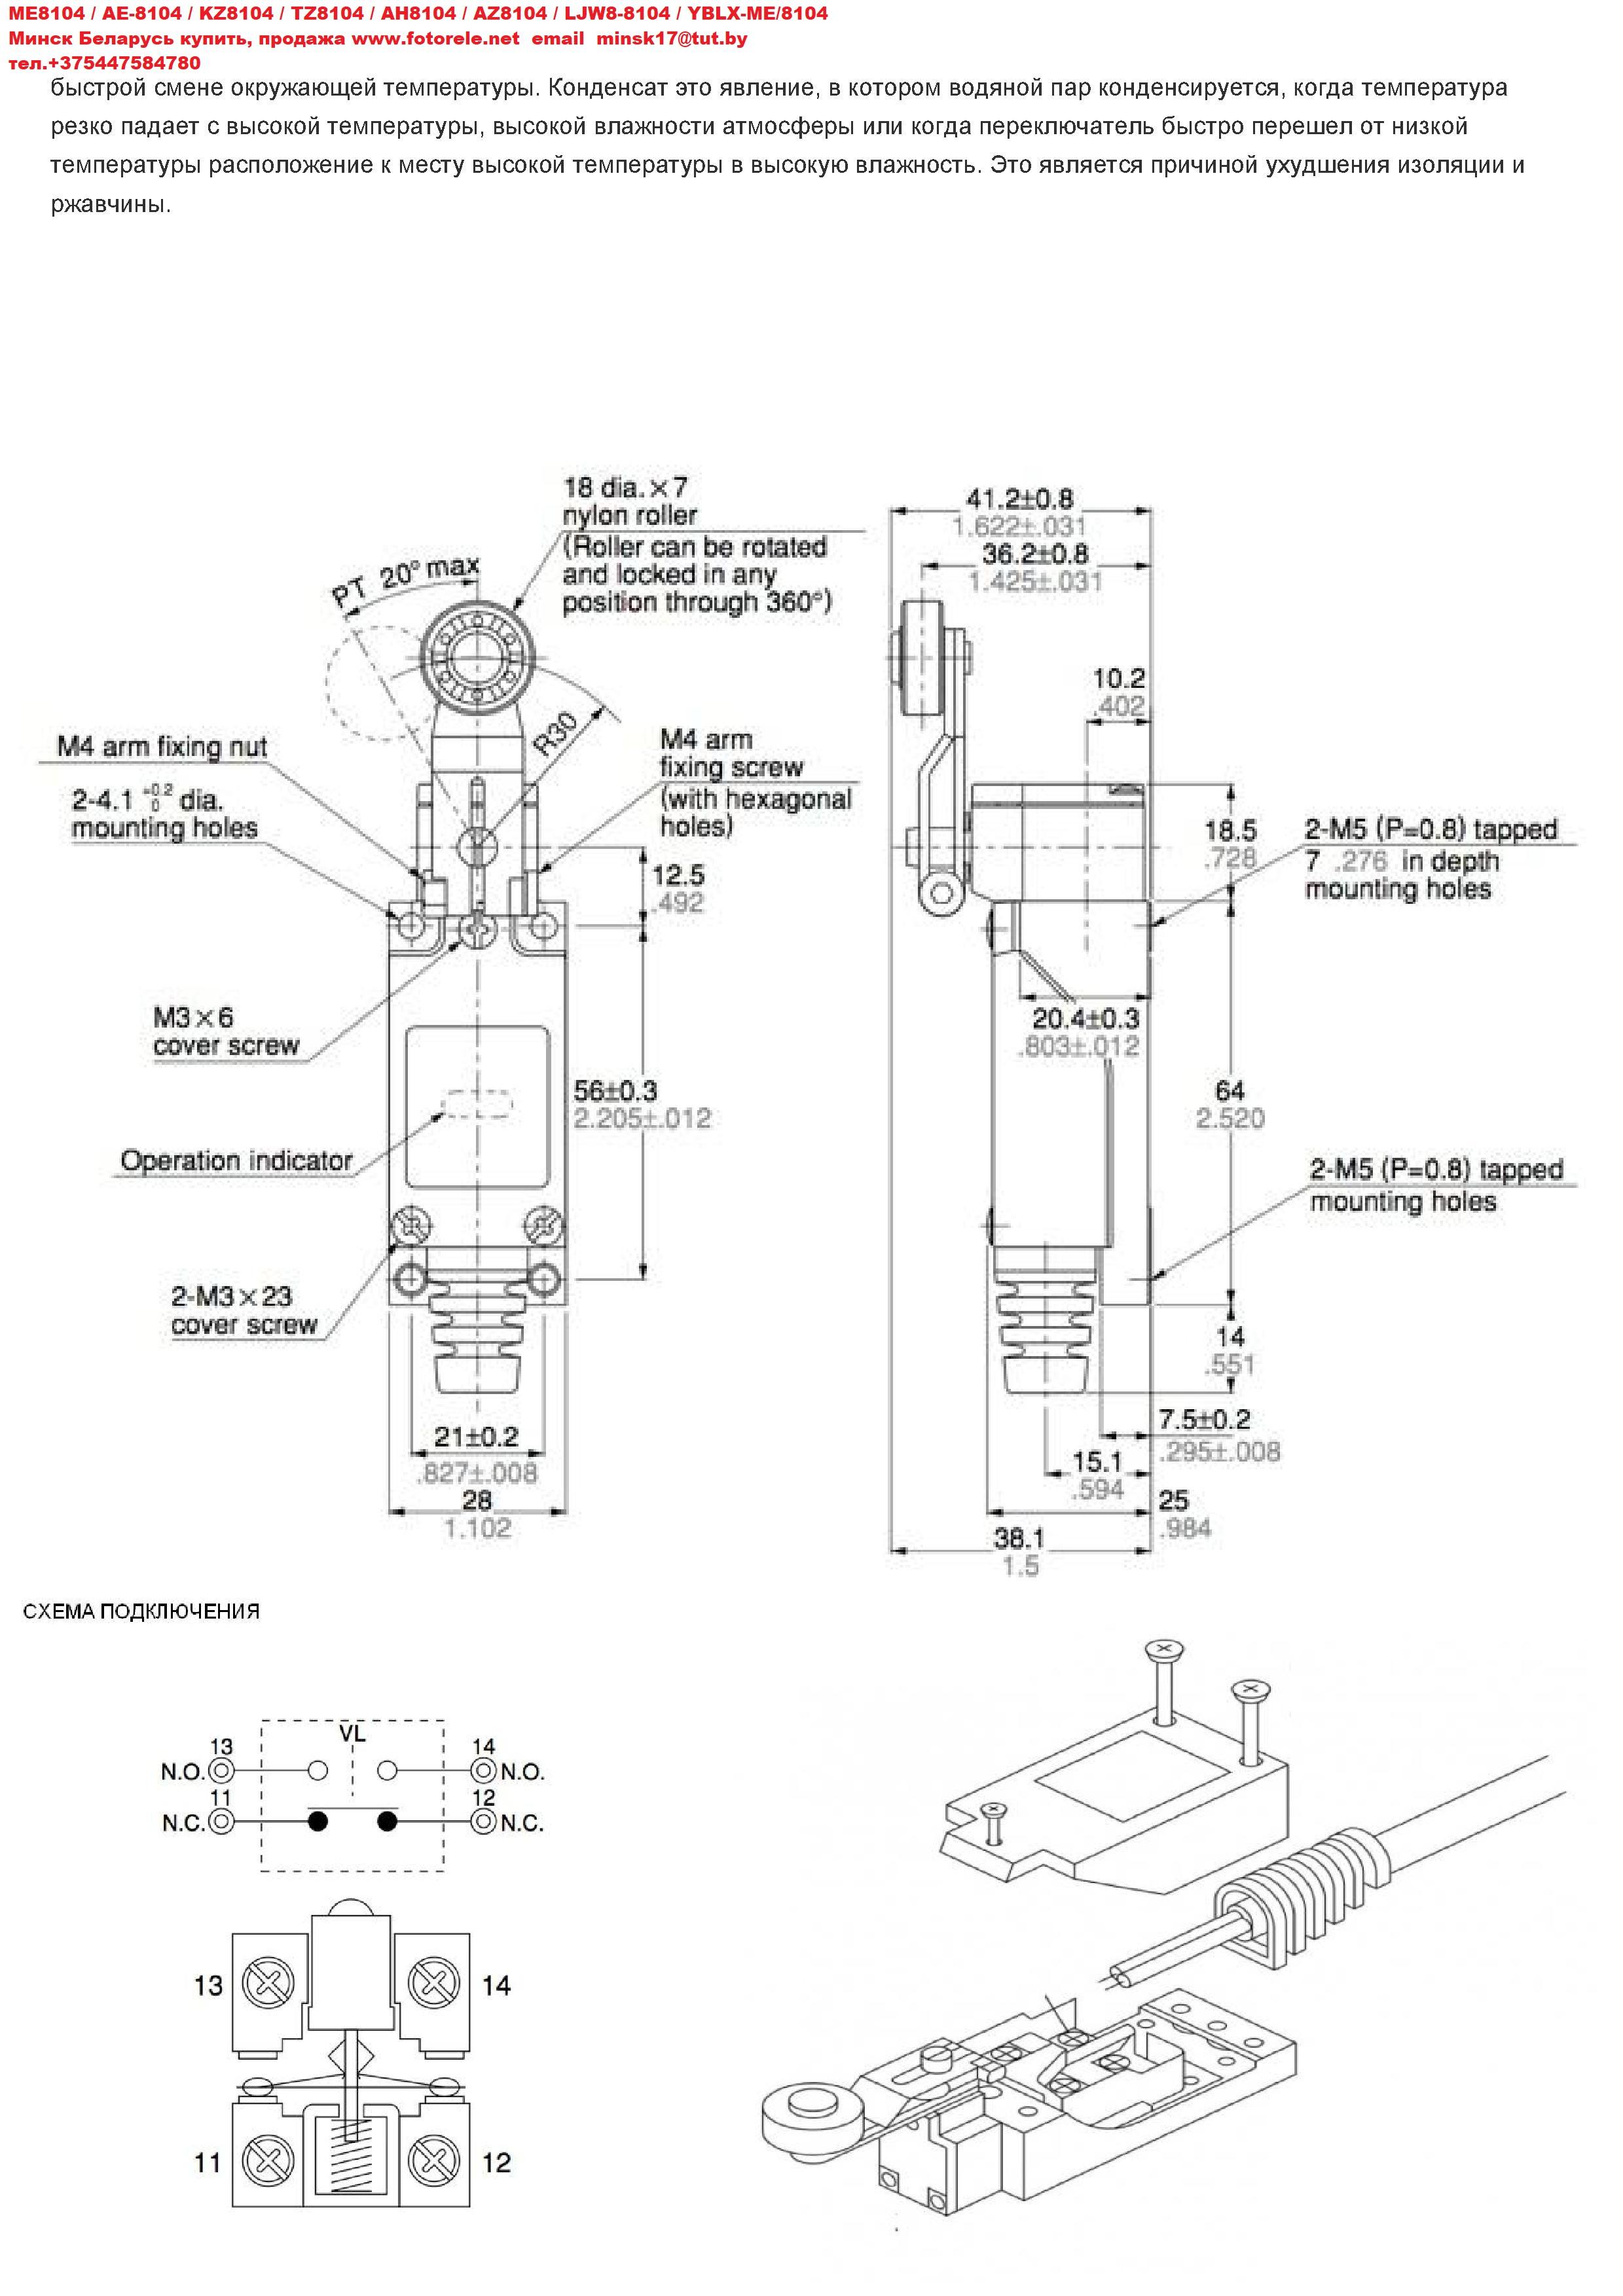 8104, Концевой, выключатель, путевой размер, габариты, чертёж